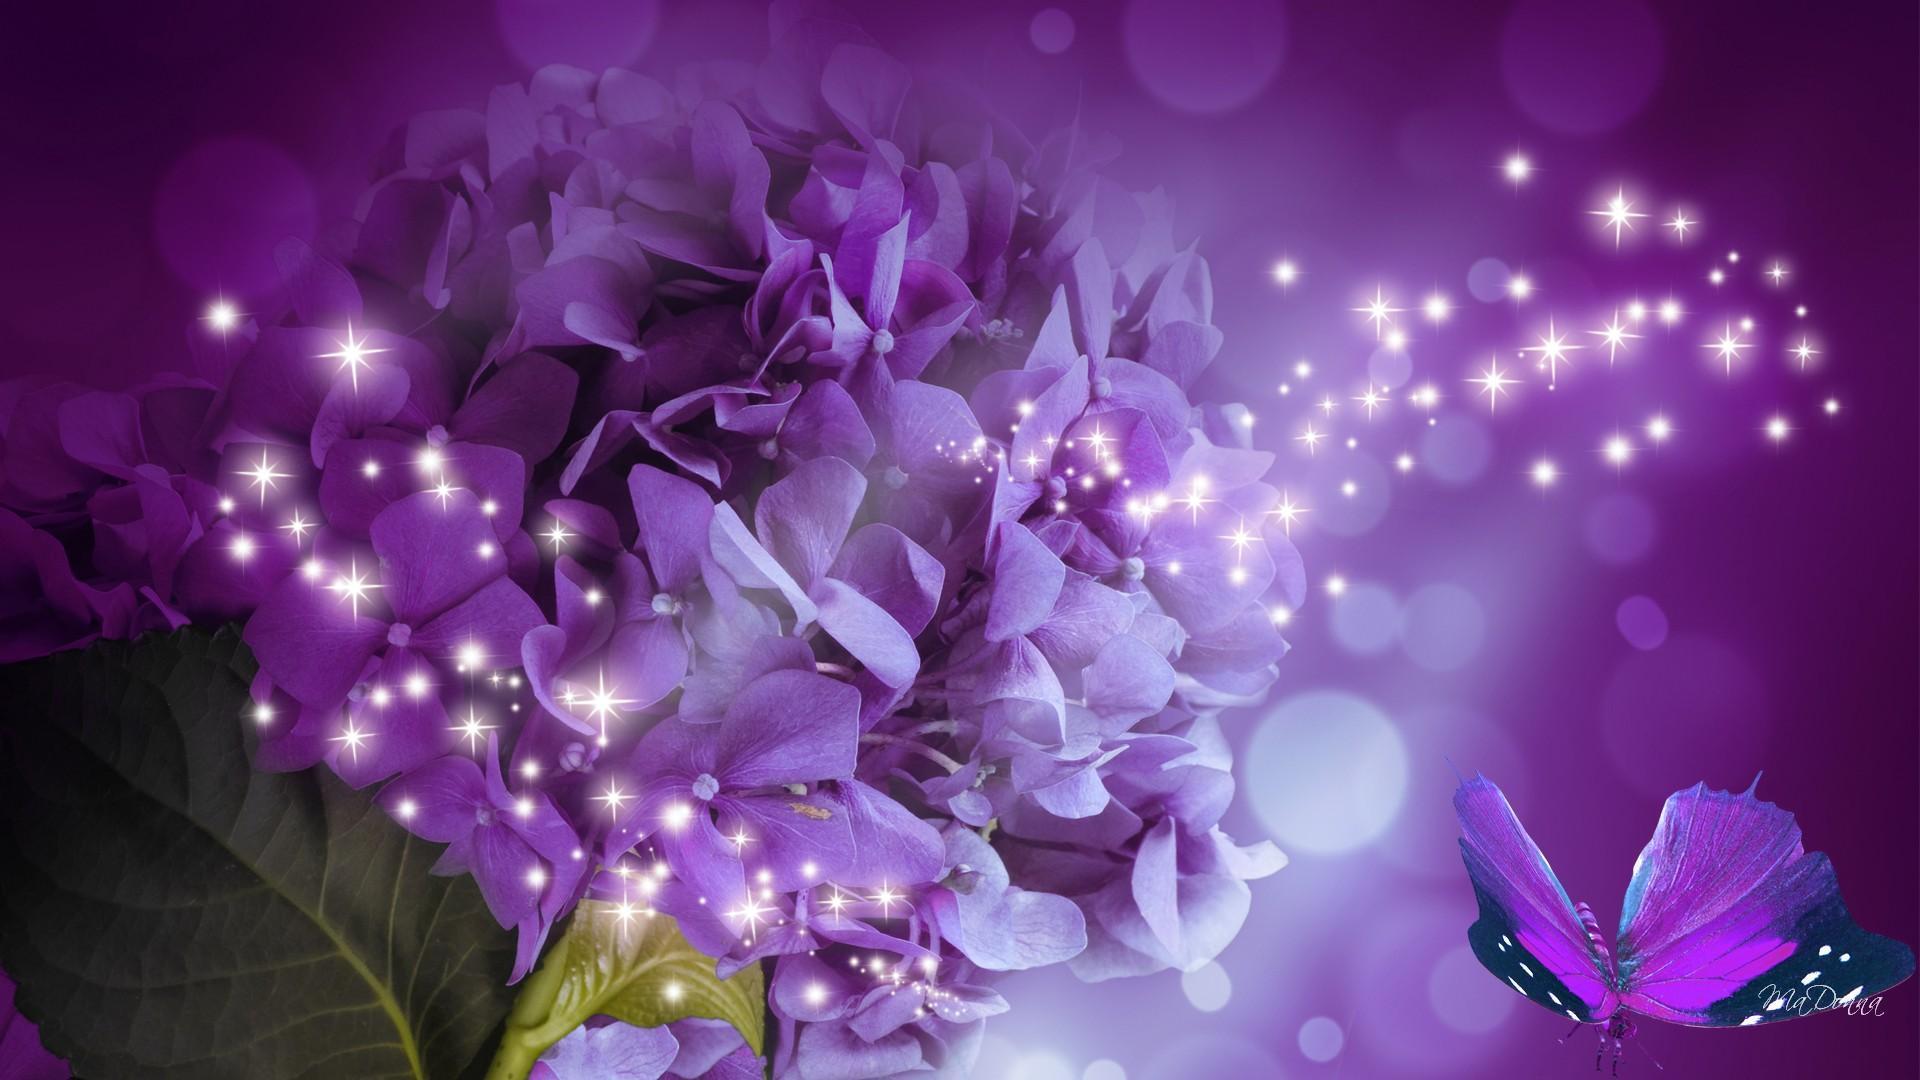 3d Rose Wallpaper Apps Hydrangea Sparkle Hd Desktop Wallpaper Widescreen High